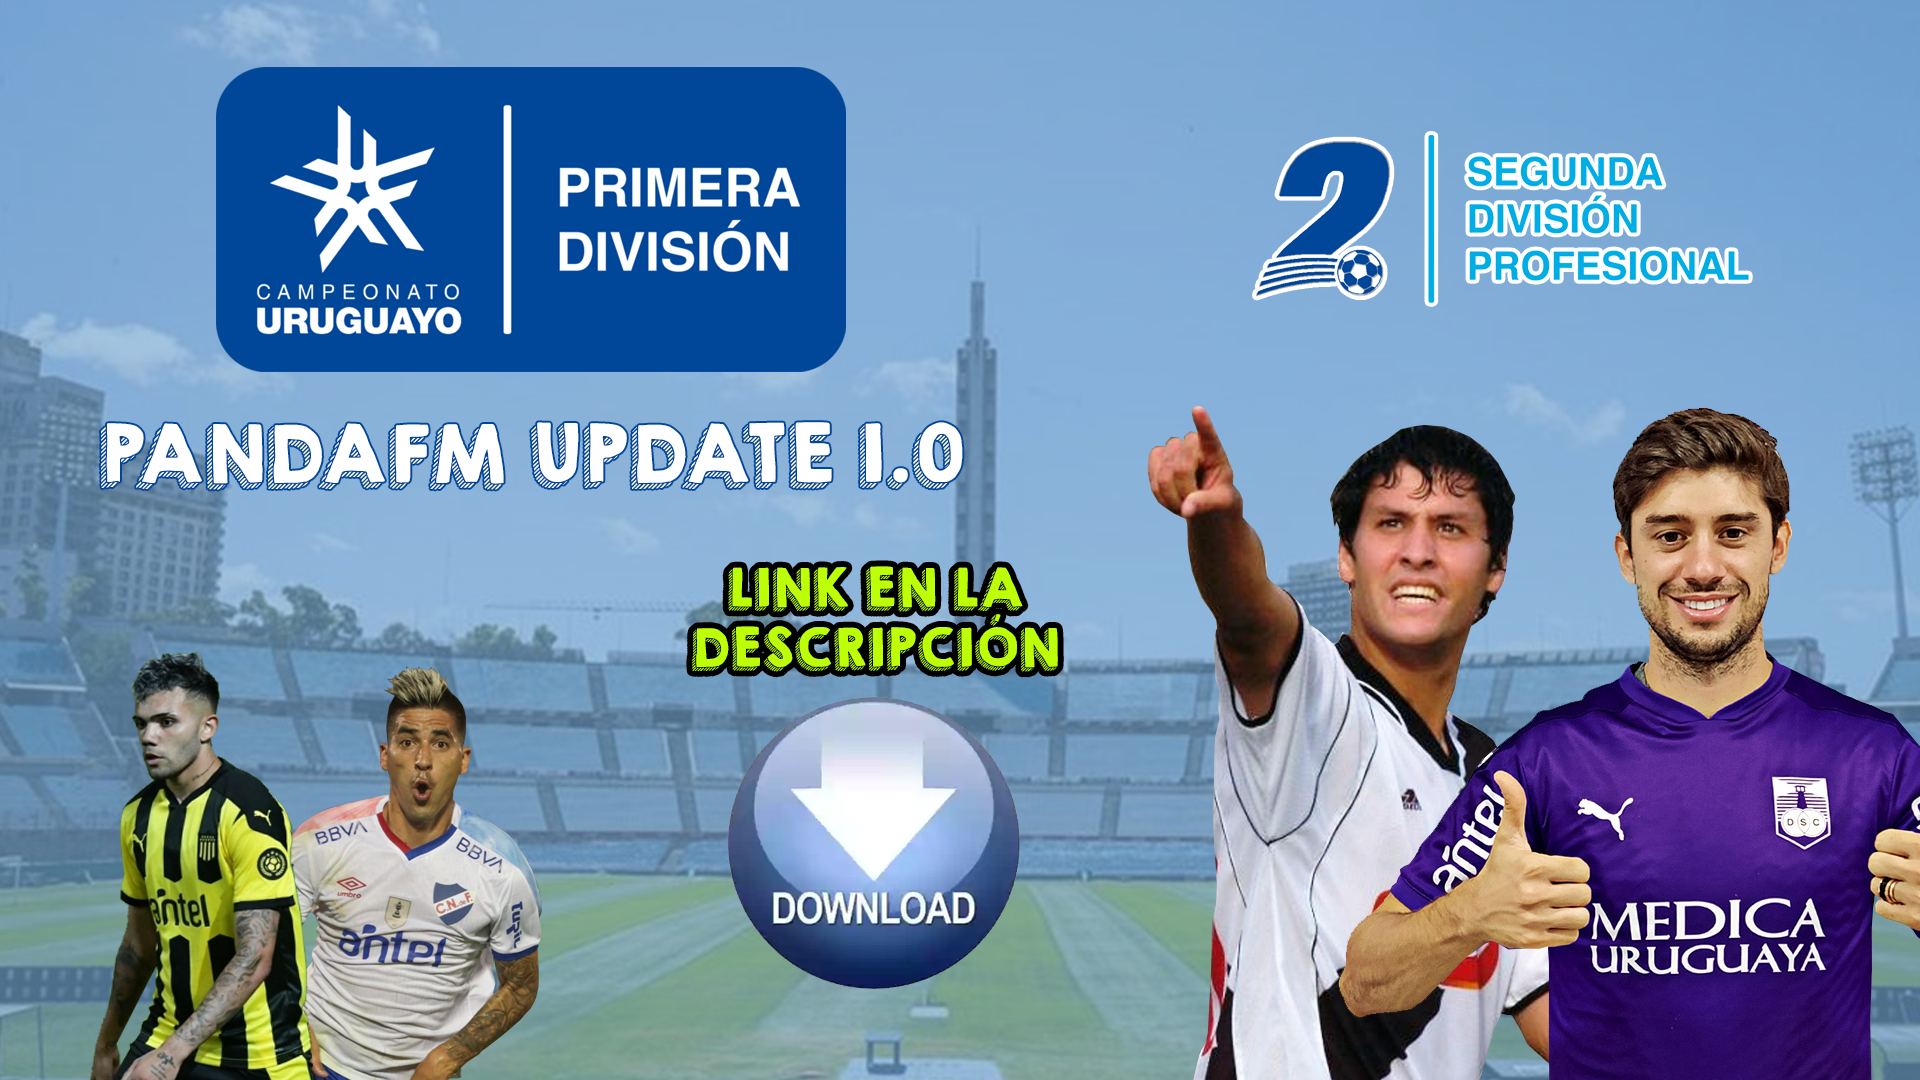 Update 1.0 - Fútbol uruguayo - Fichajes de Primera y Segunda División (Danubio/Defensor) al 1/7/2021